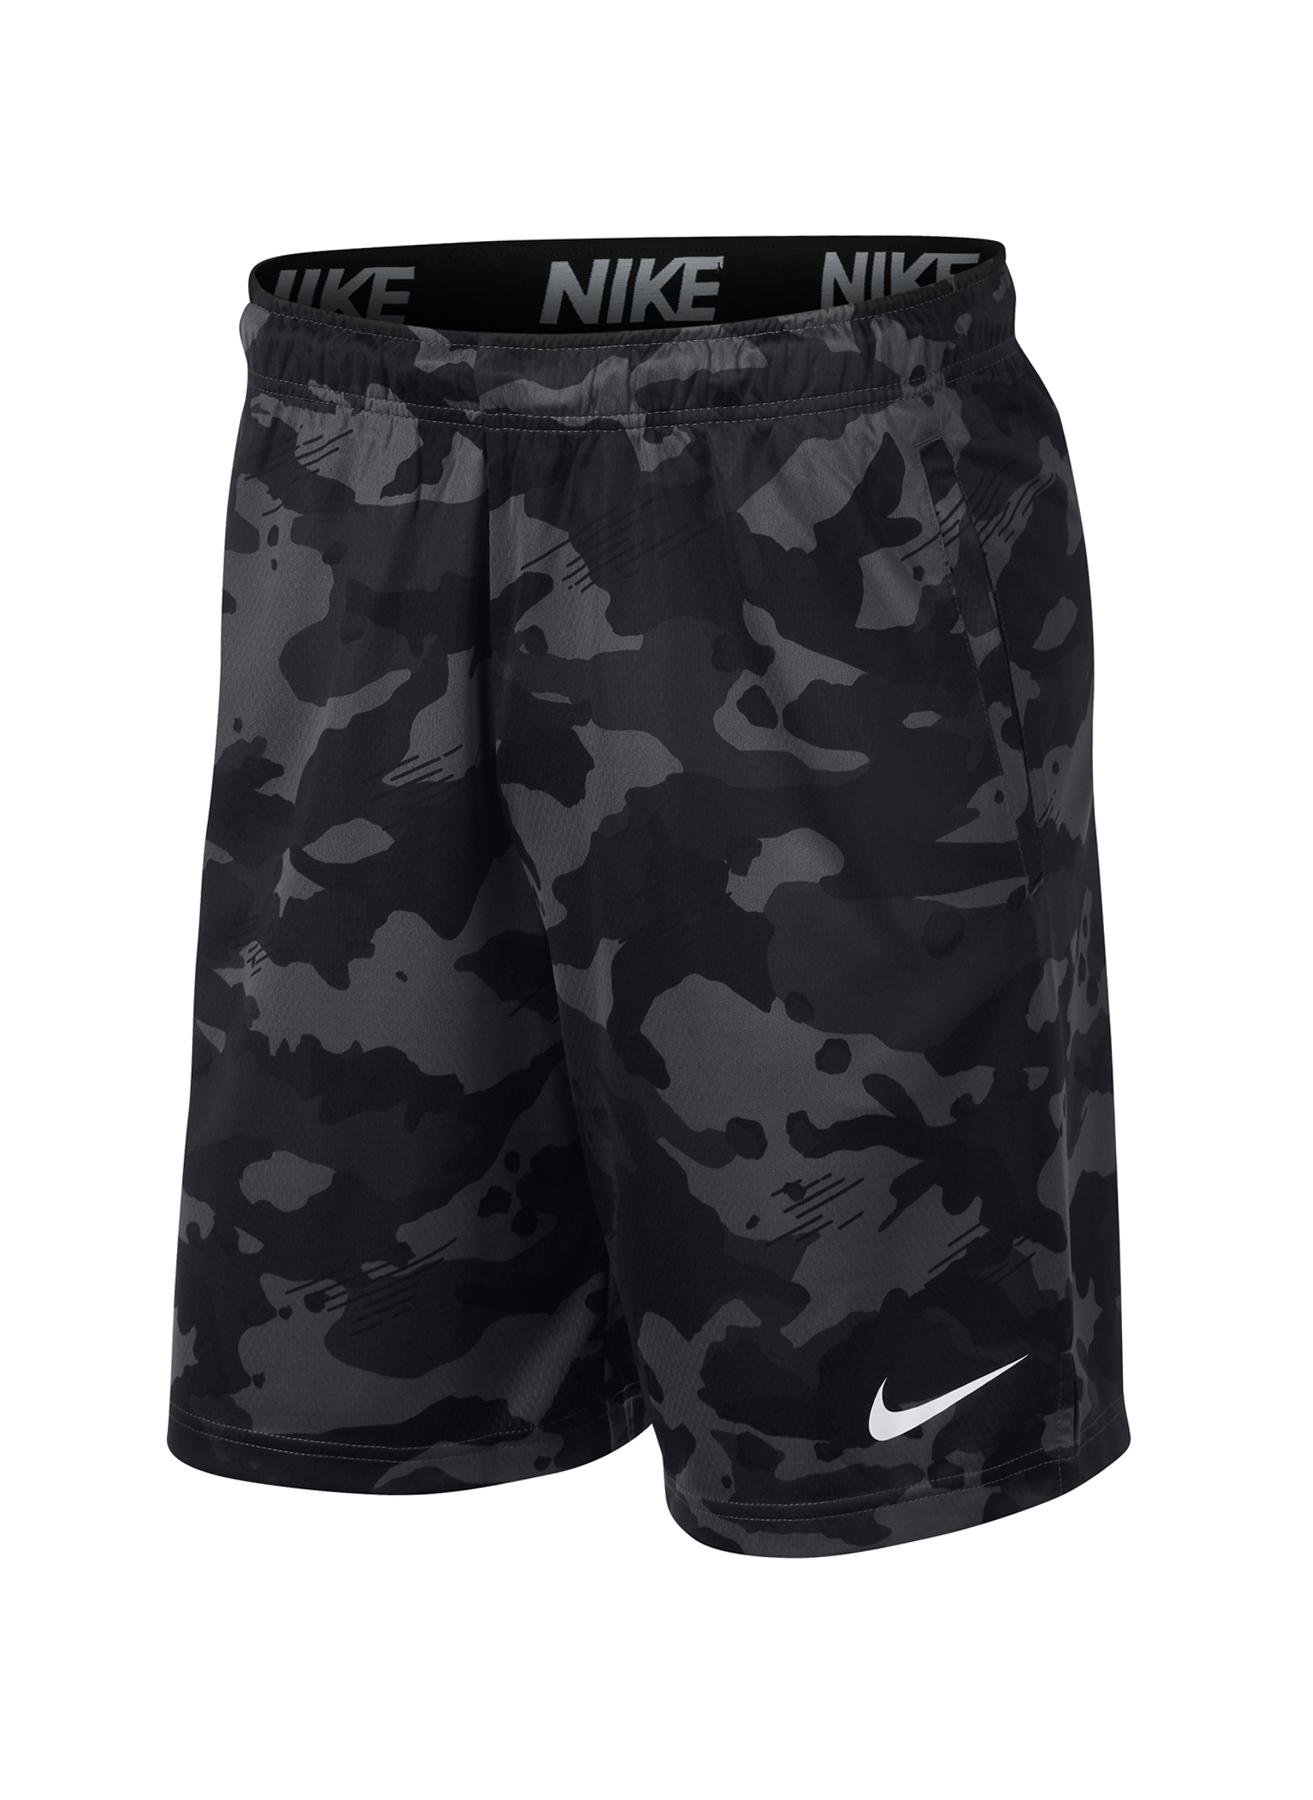 Nike Dry Şort XL 5001634788004 Ürün Resmi